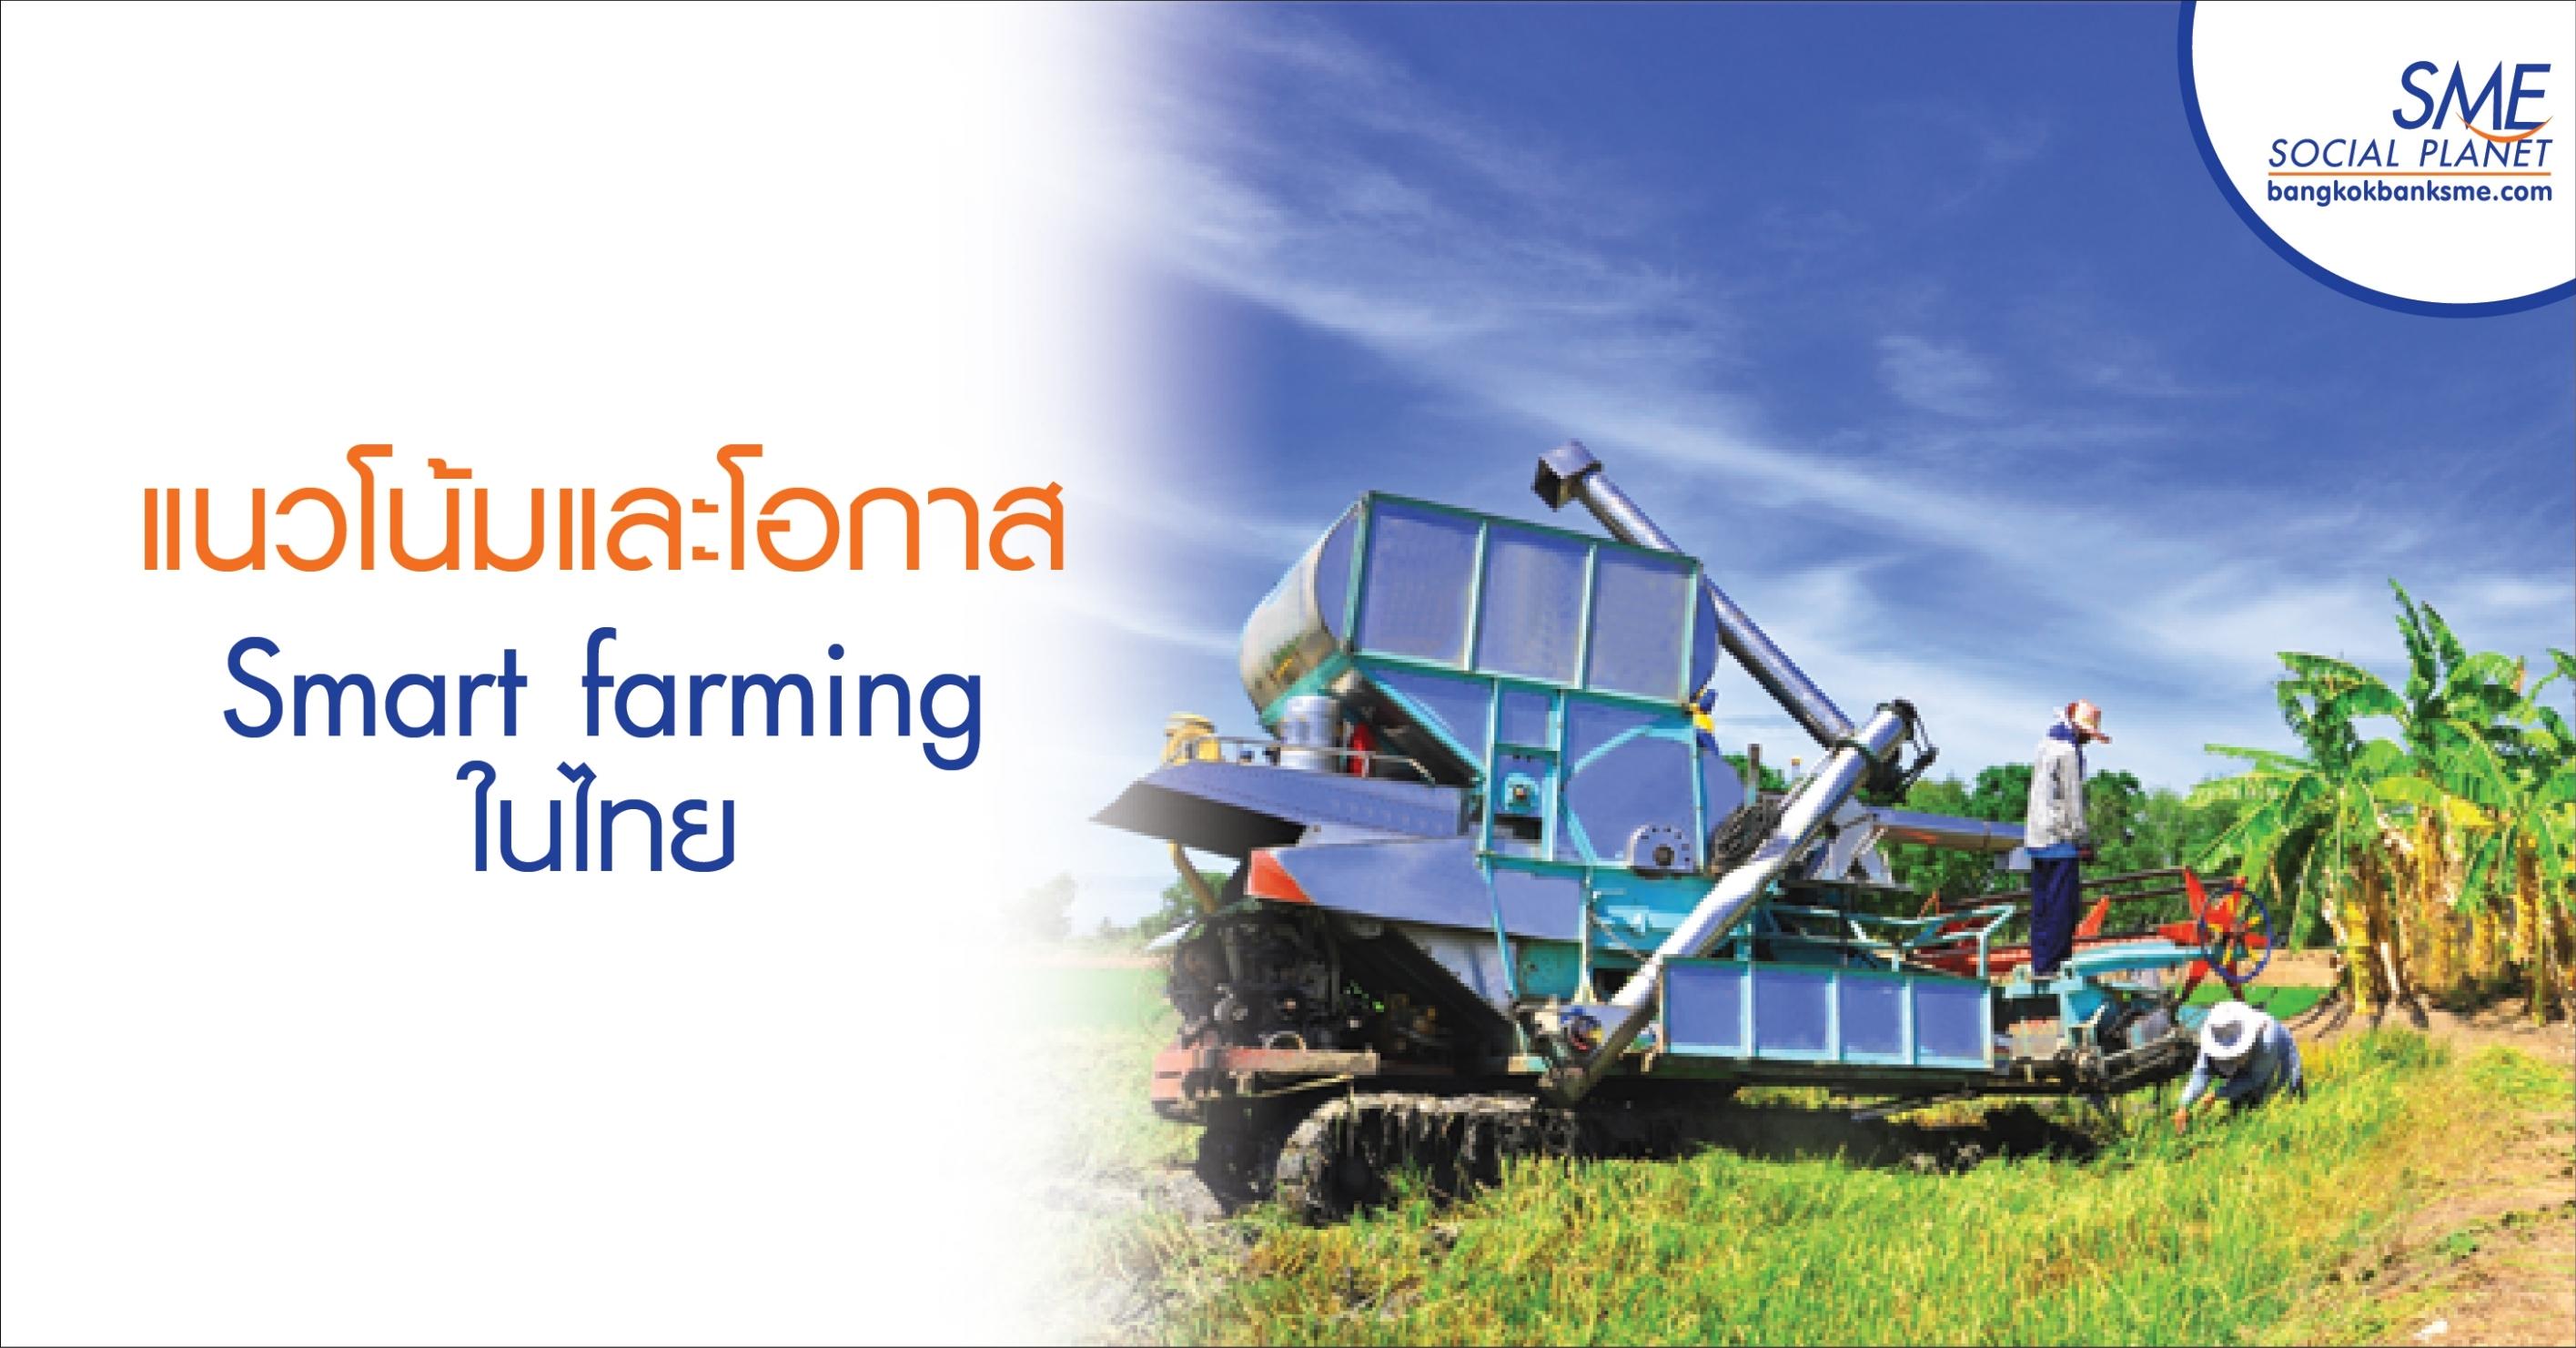 แนวโน้มและโอกาส Smart farming ในไทย